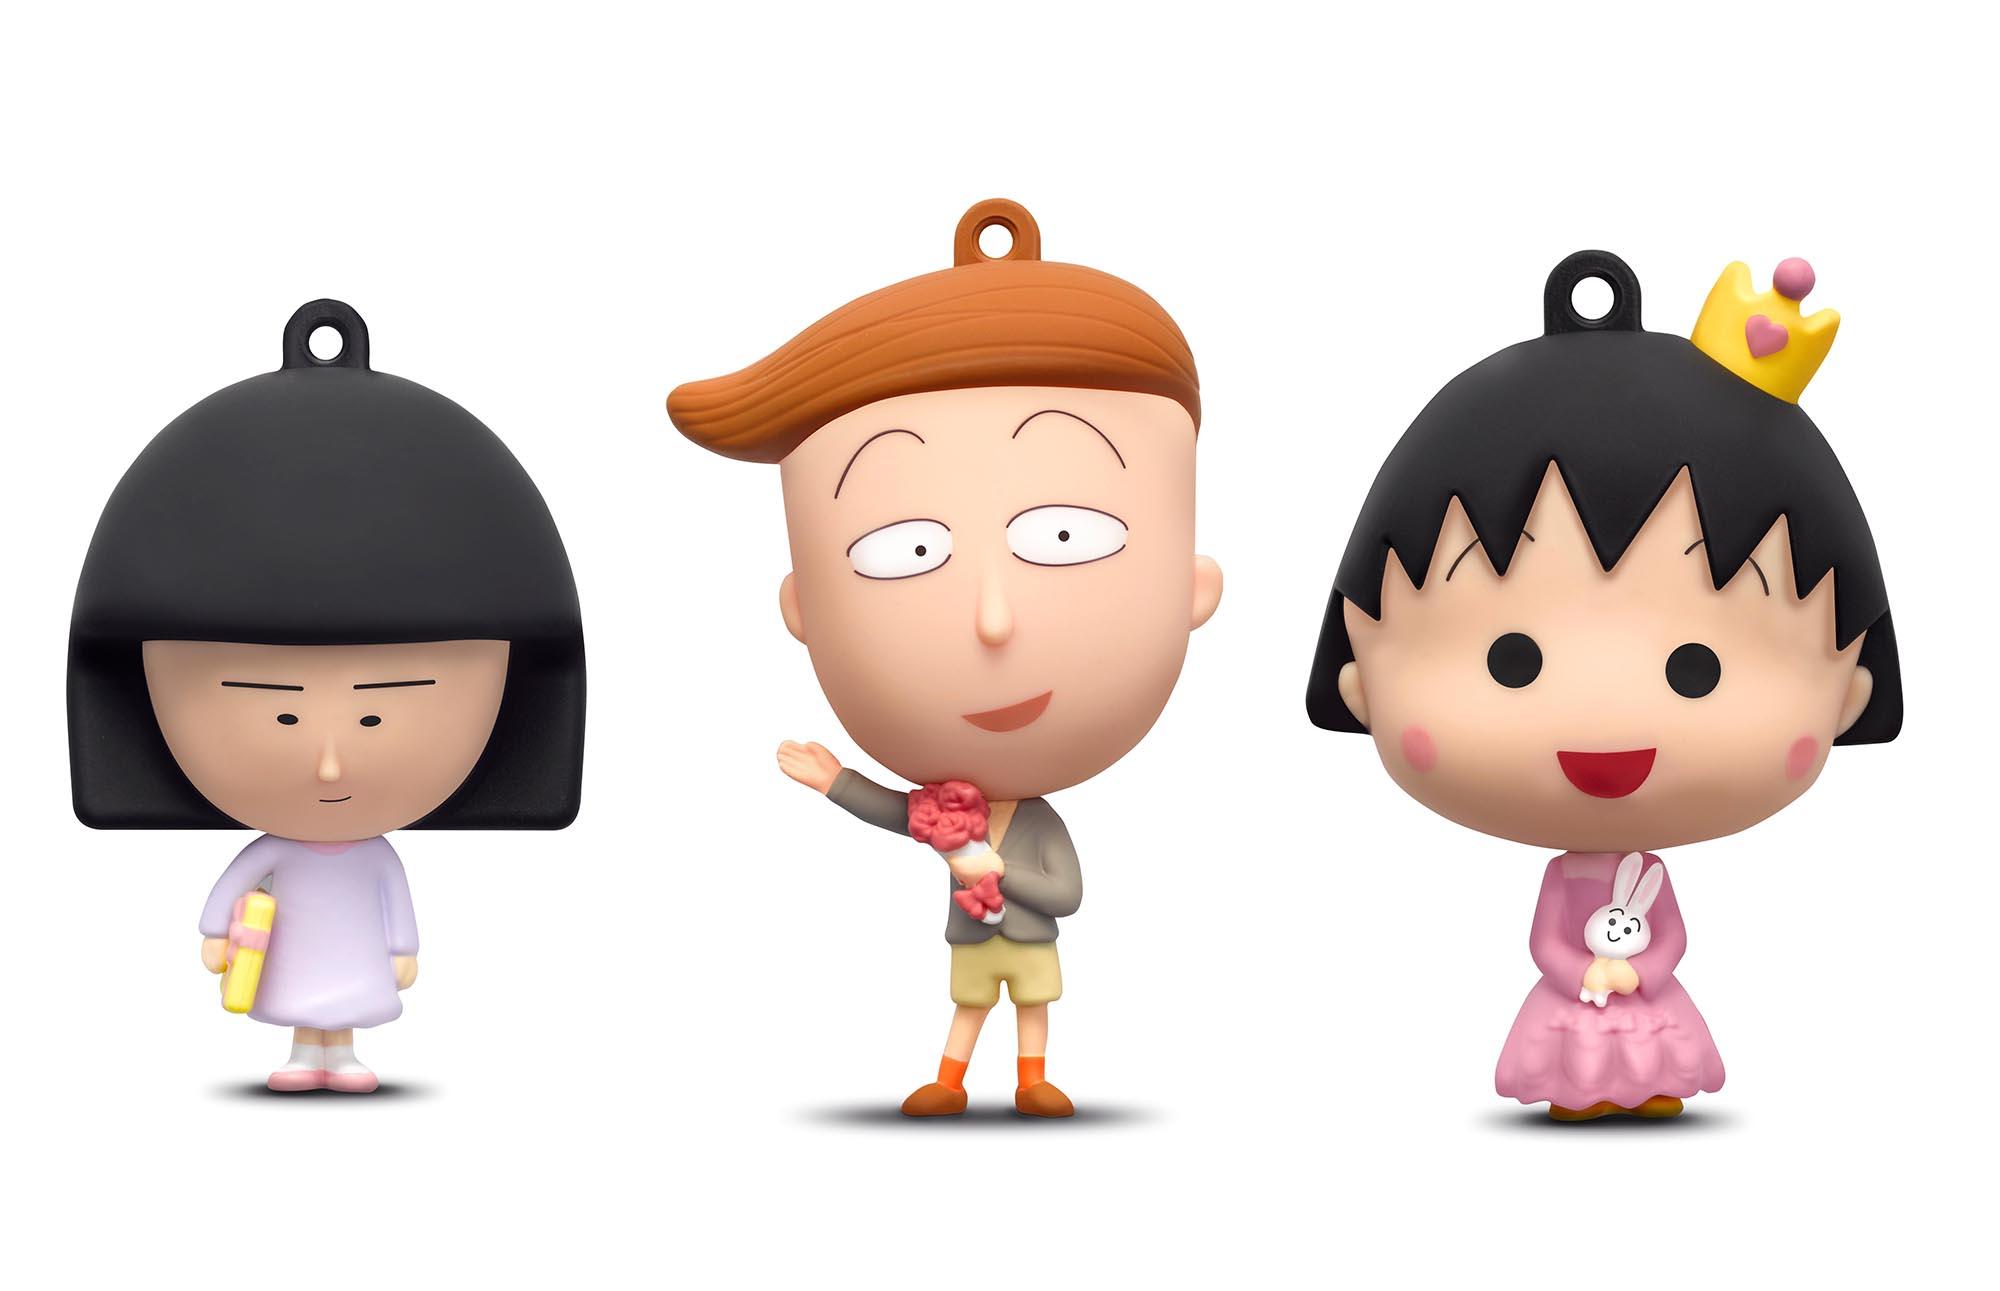 全新「 小丸子 3D 八達通配飾」慶祝小丸子生日快樂可愛登場